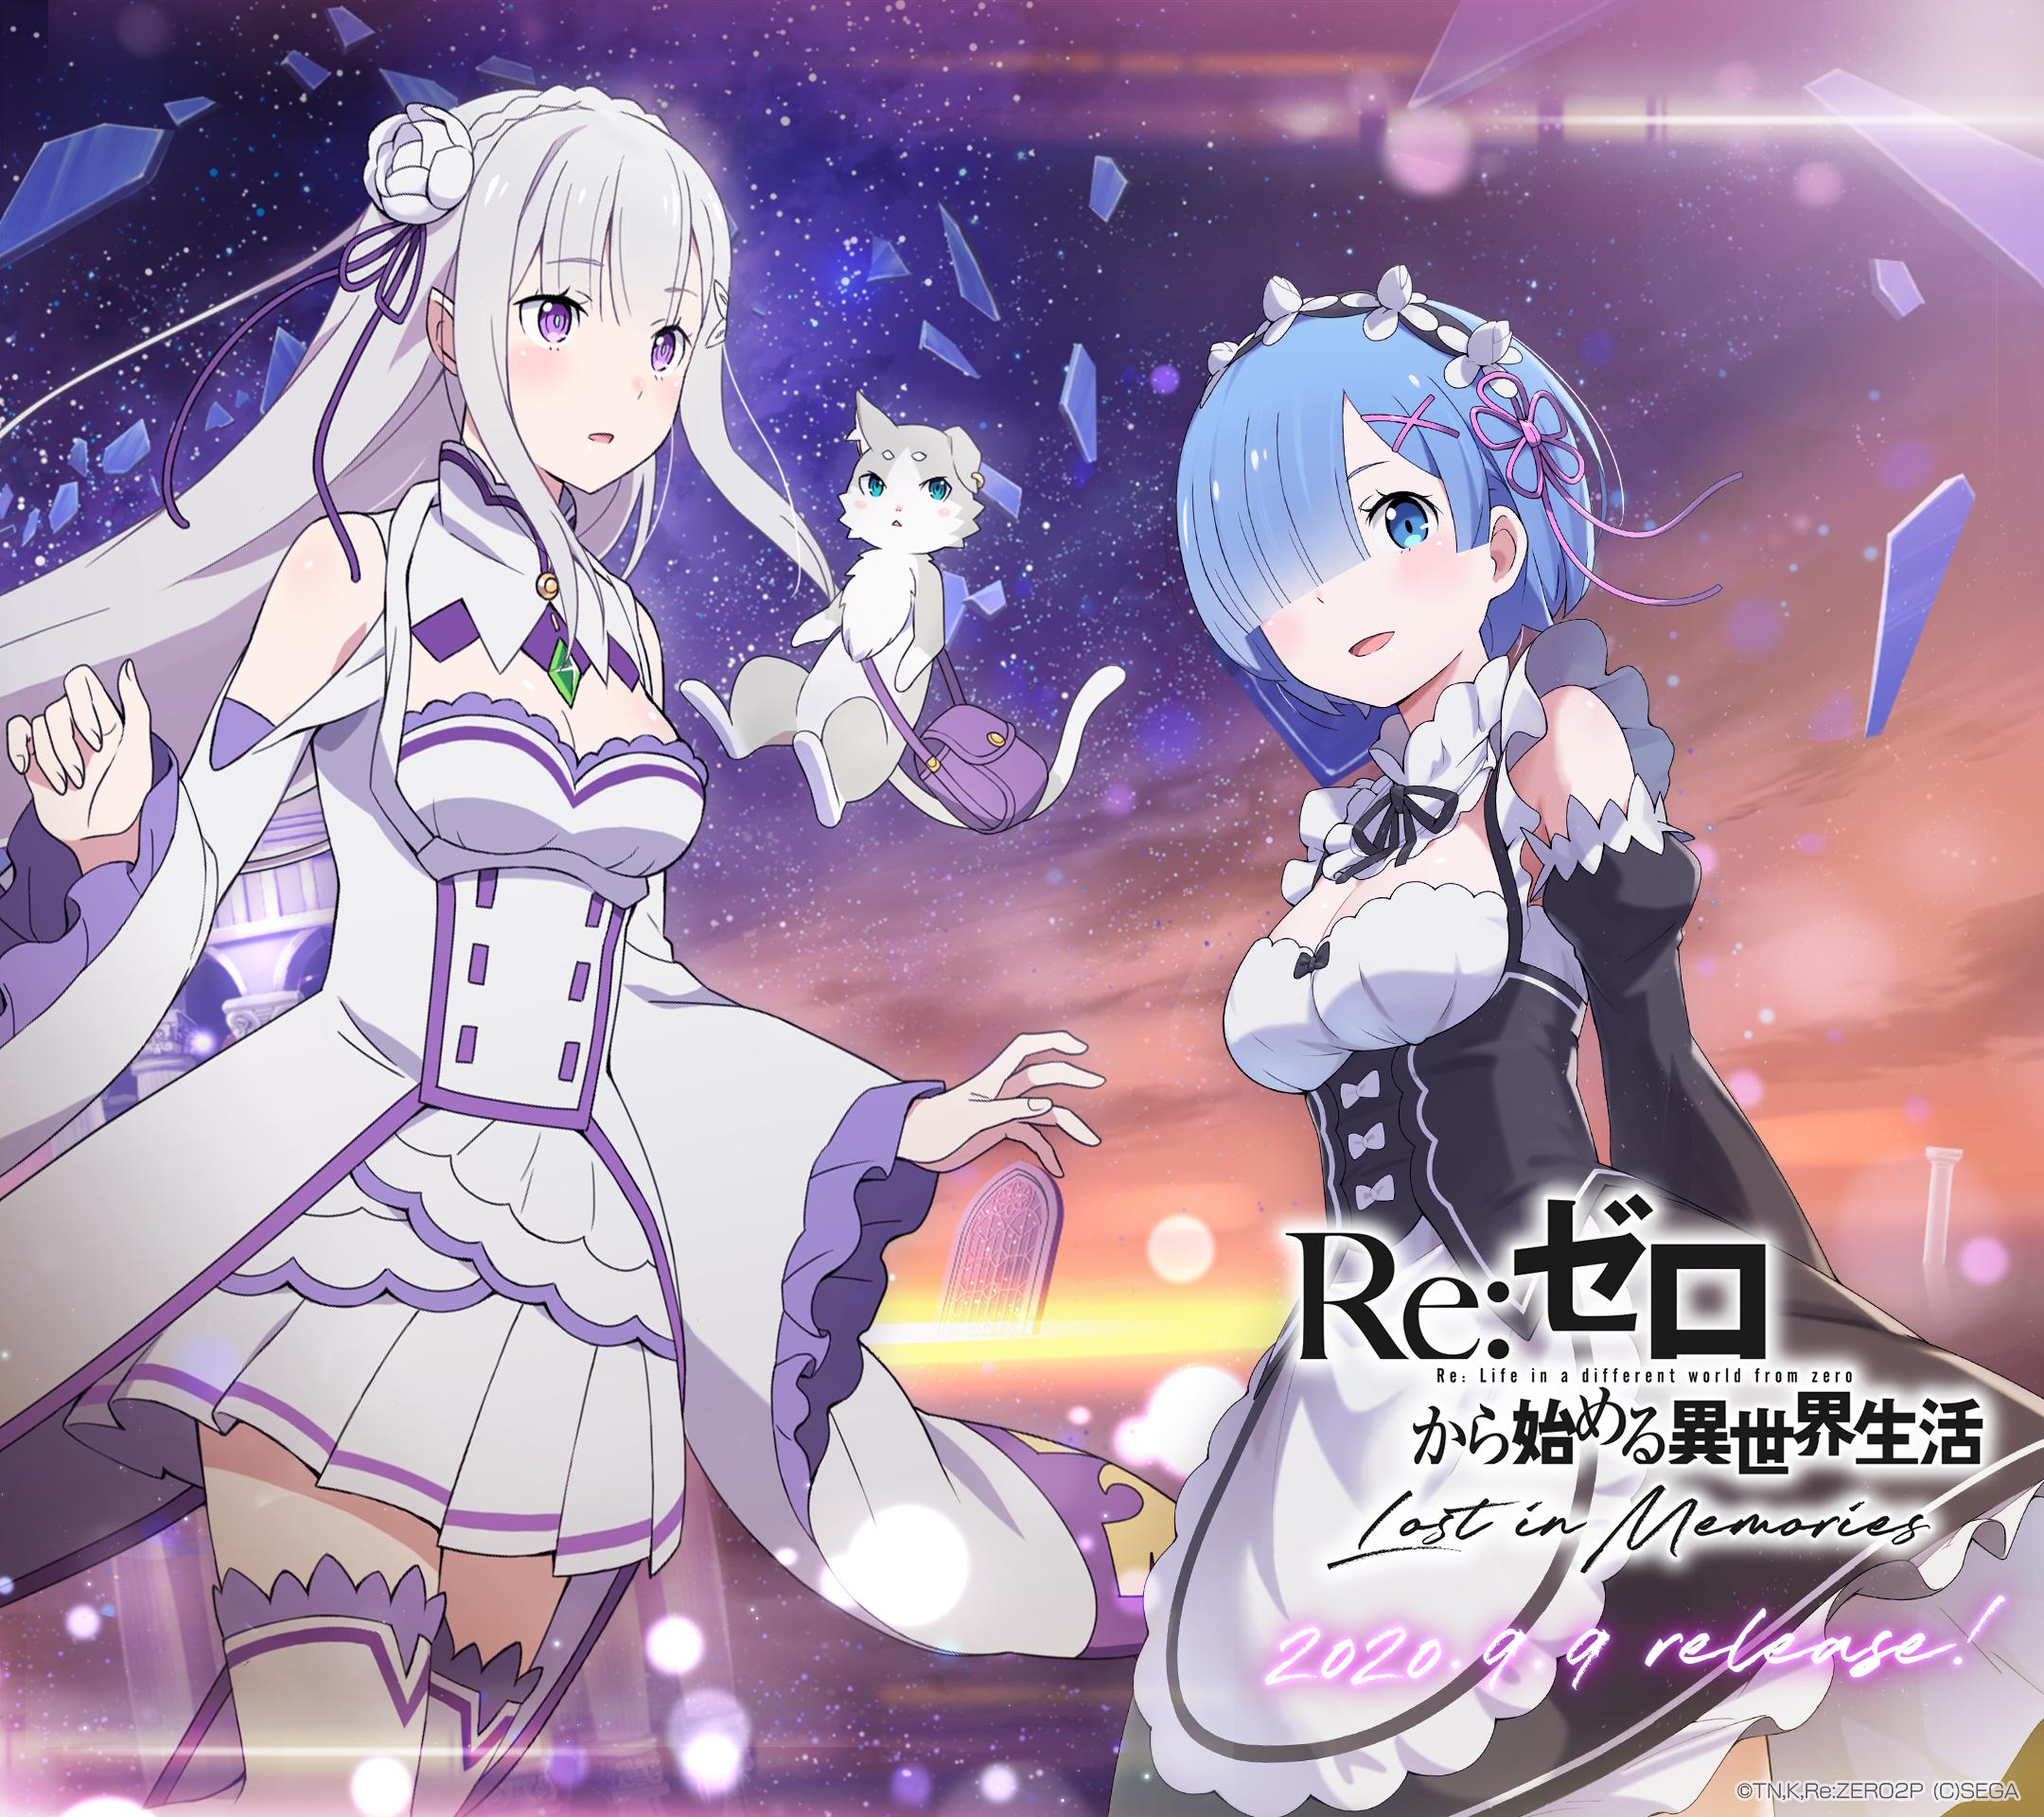 リゼロ公式スマホゲーム Re ゼロから始める異世界生活 Lost In Memories リゼロス News